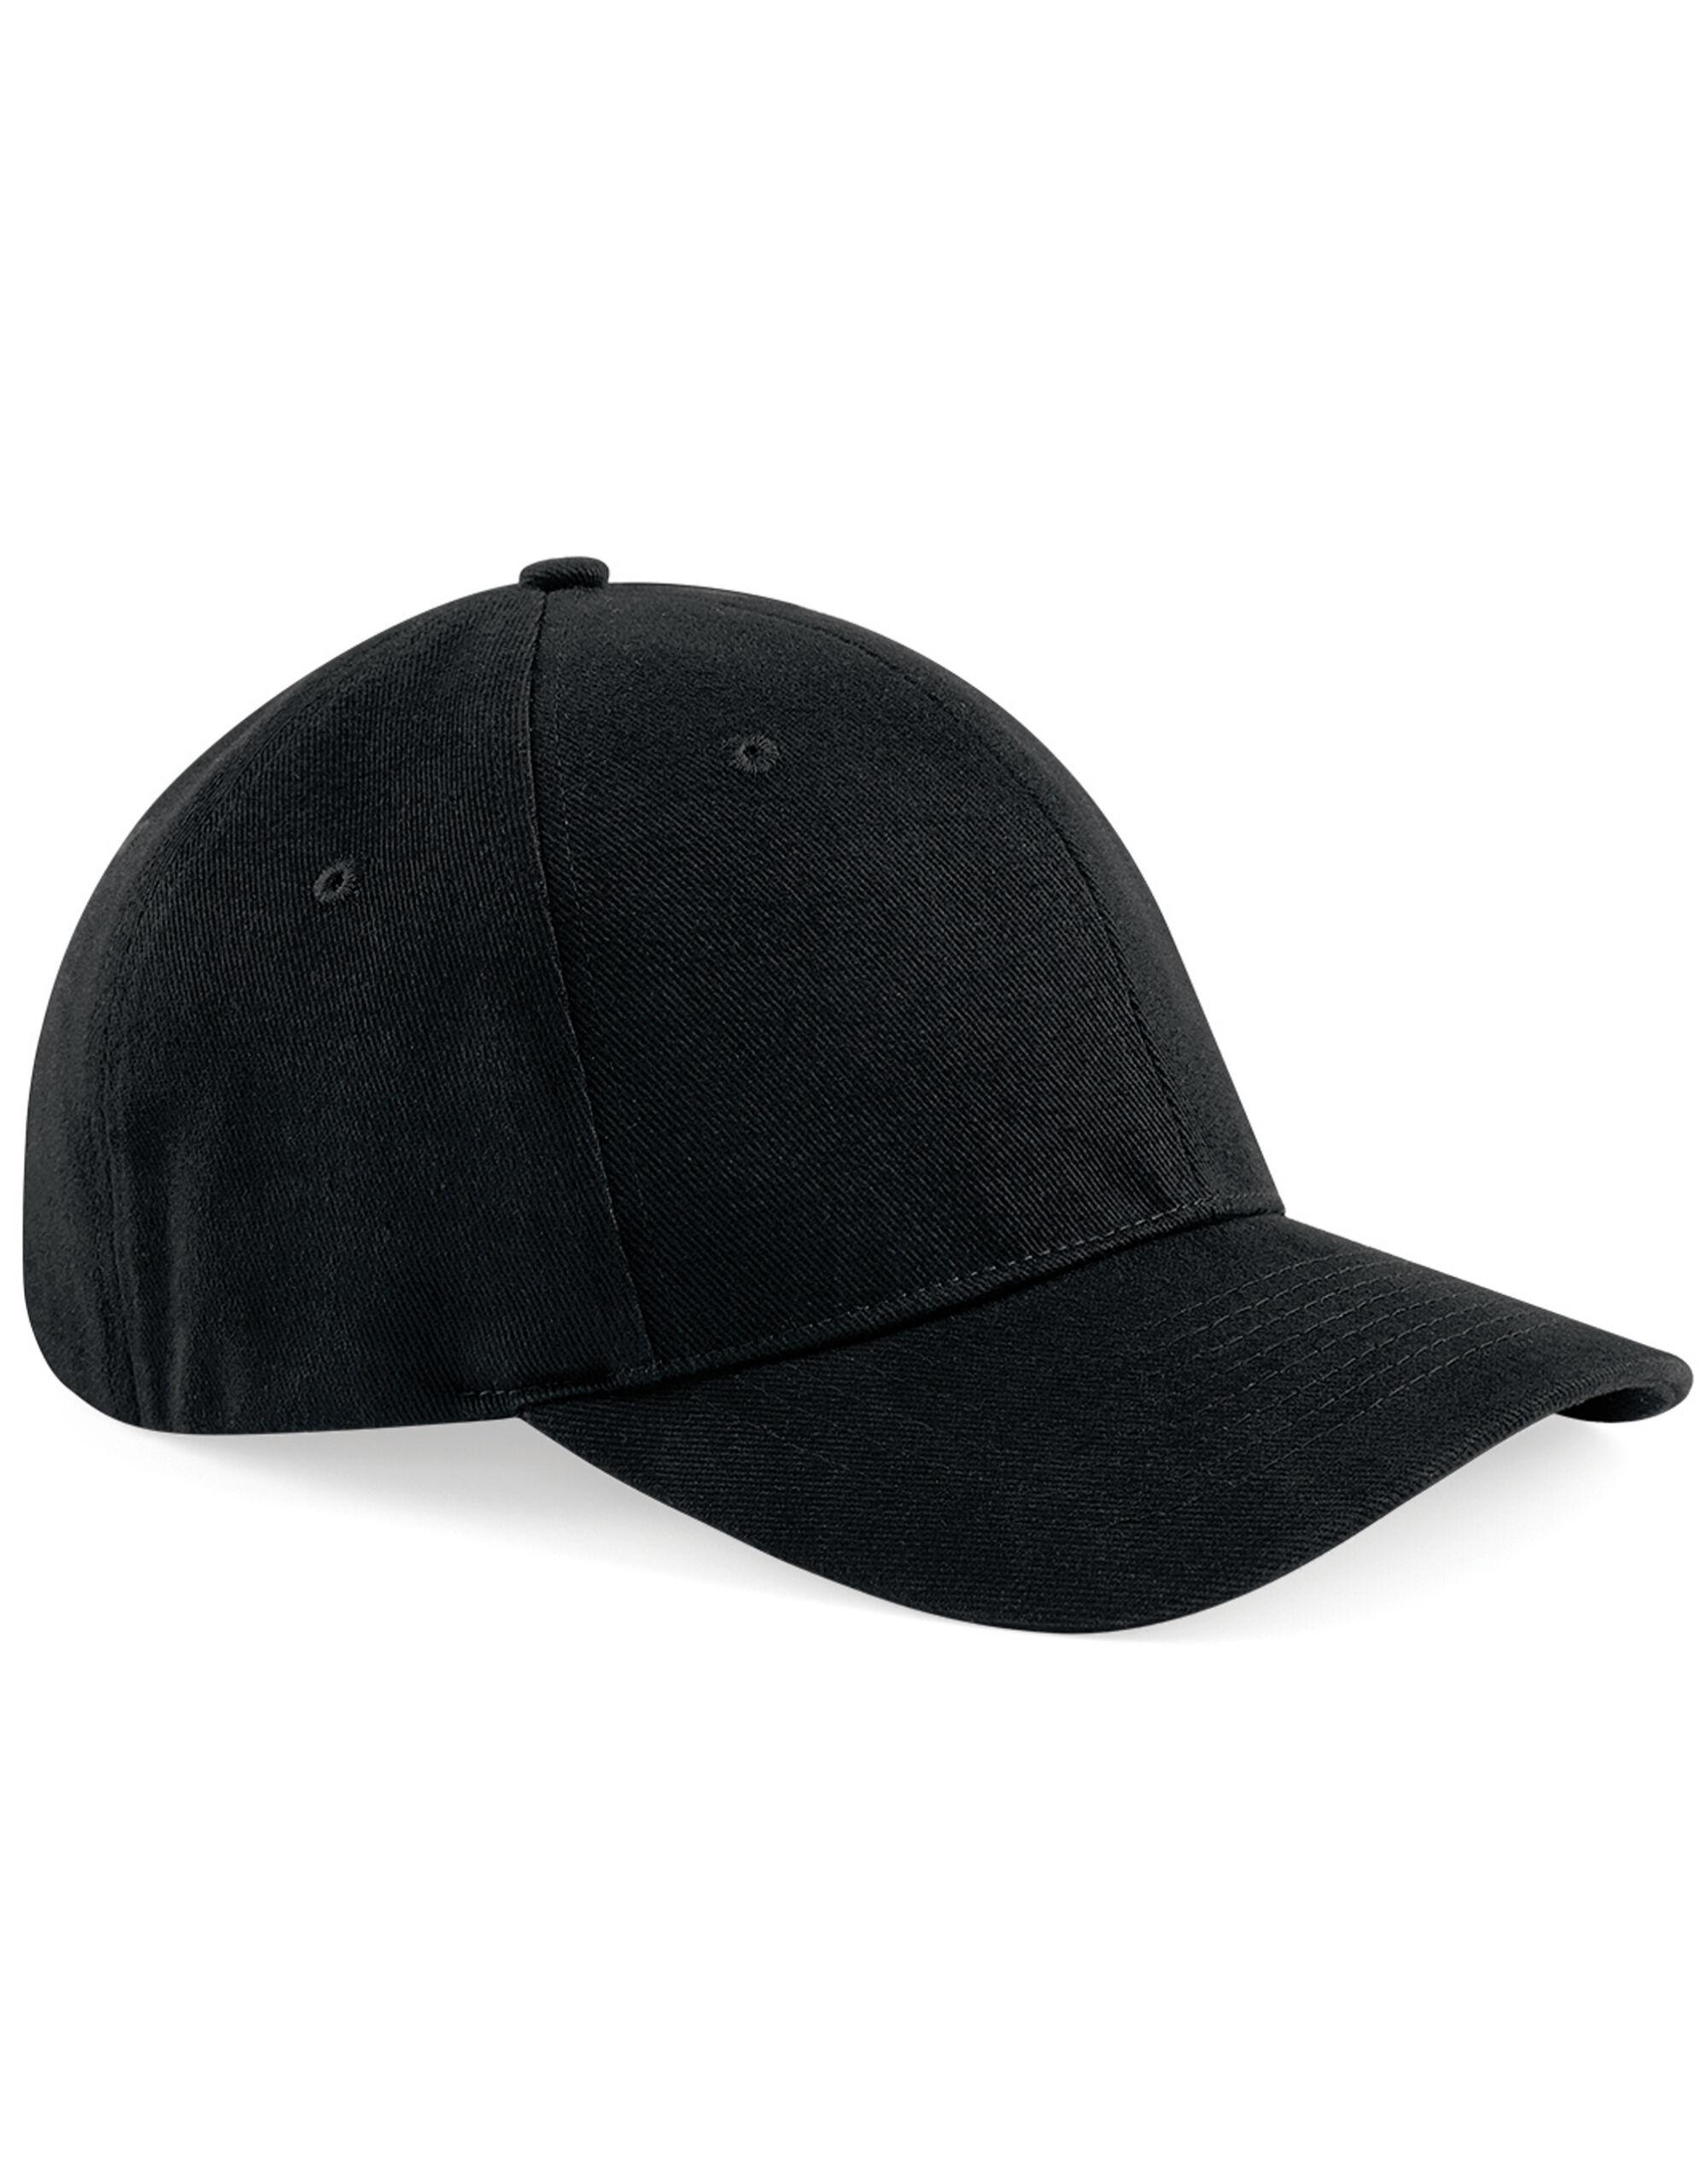 Signature Stretch-Fit Cap